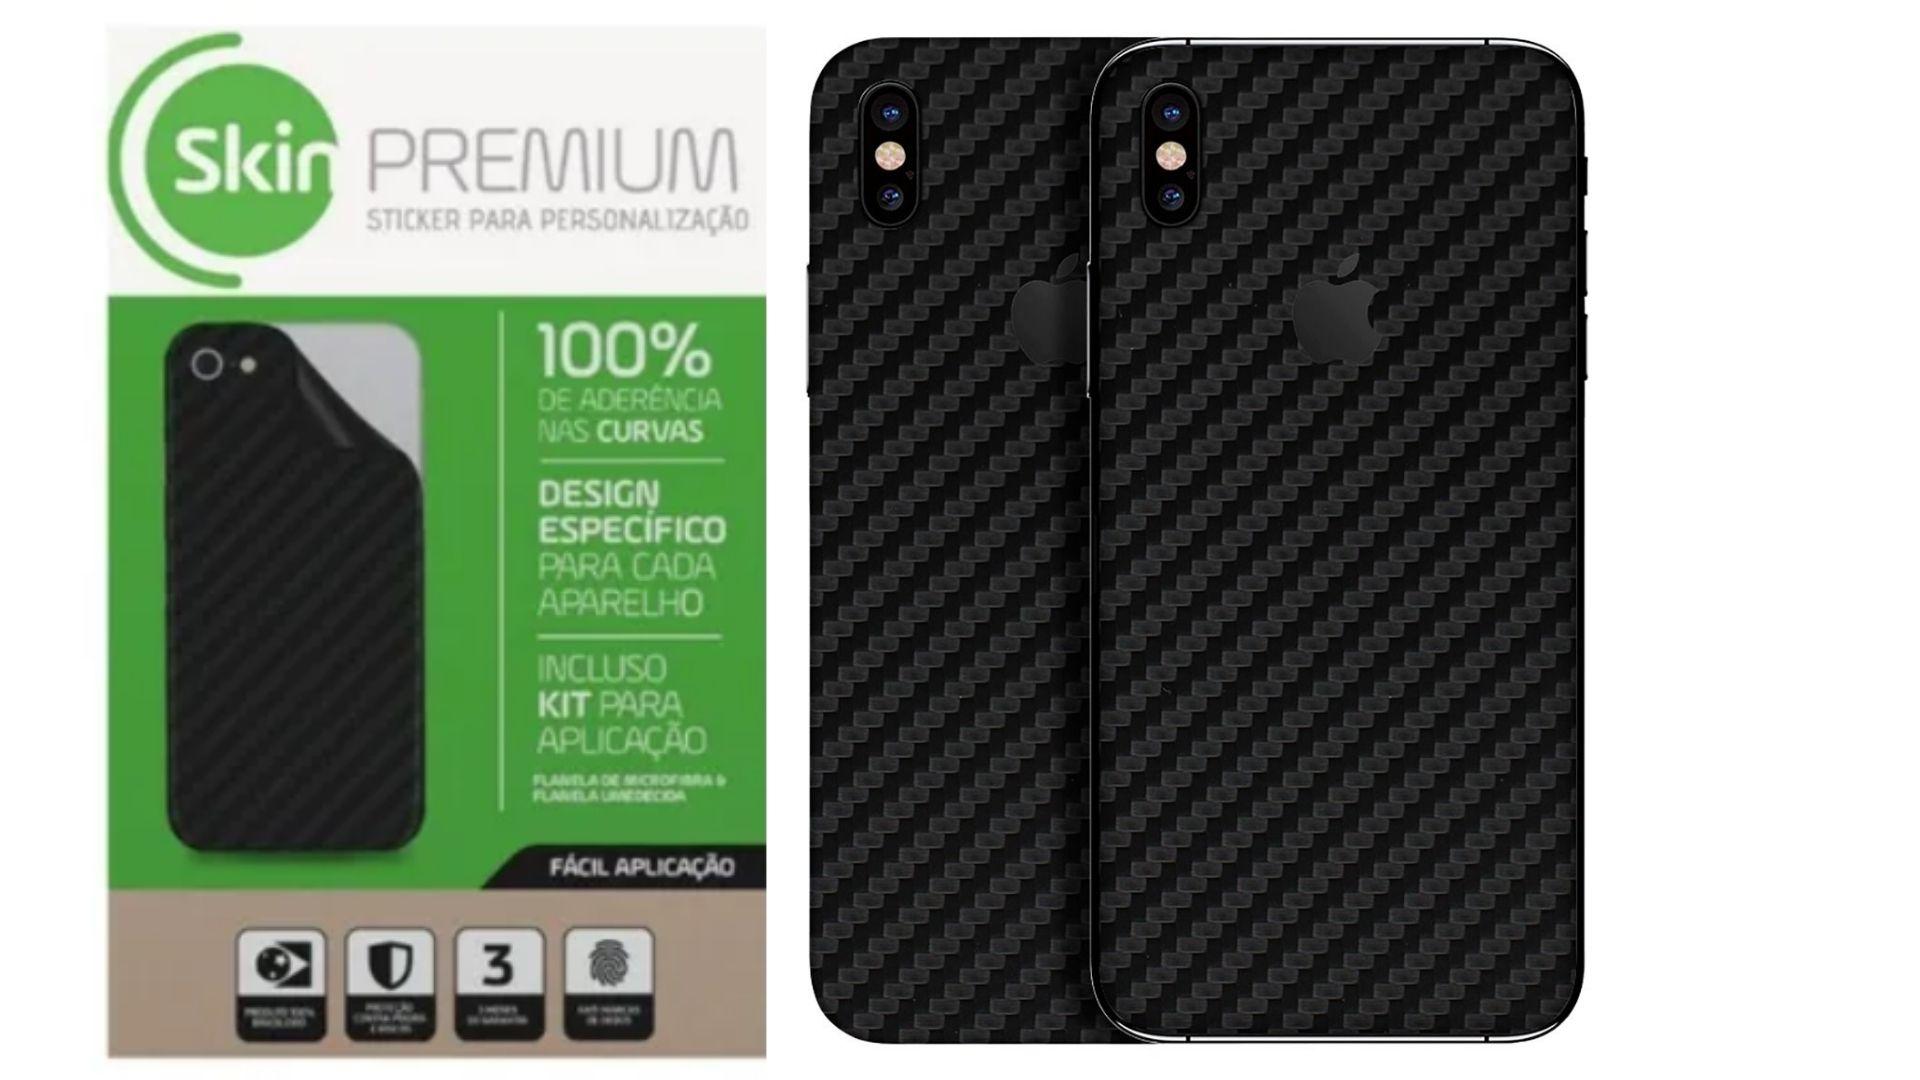 Skin Premium - Adesivo Fibra Carbono iPhone X/XS Verso e Laterais